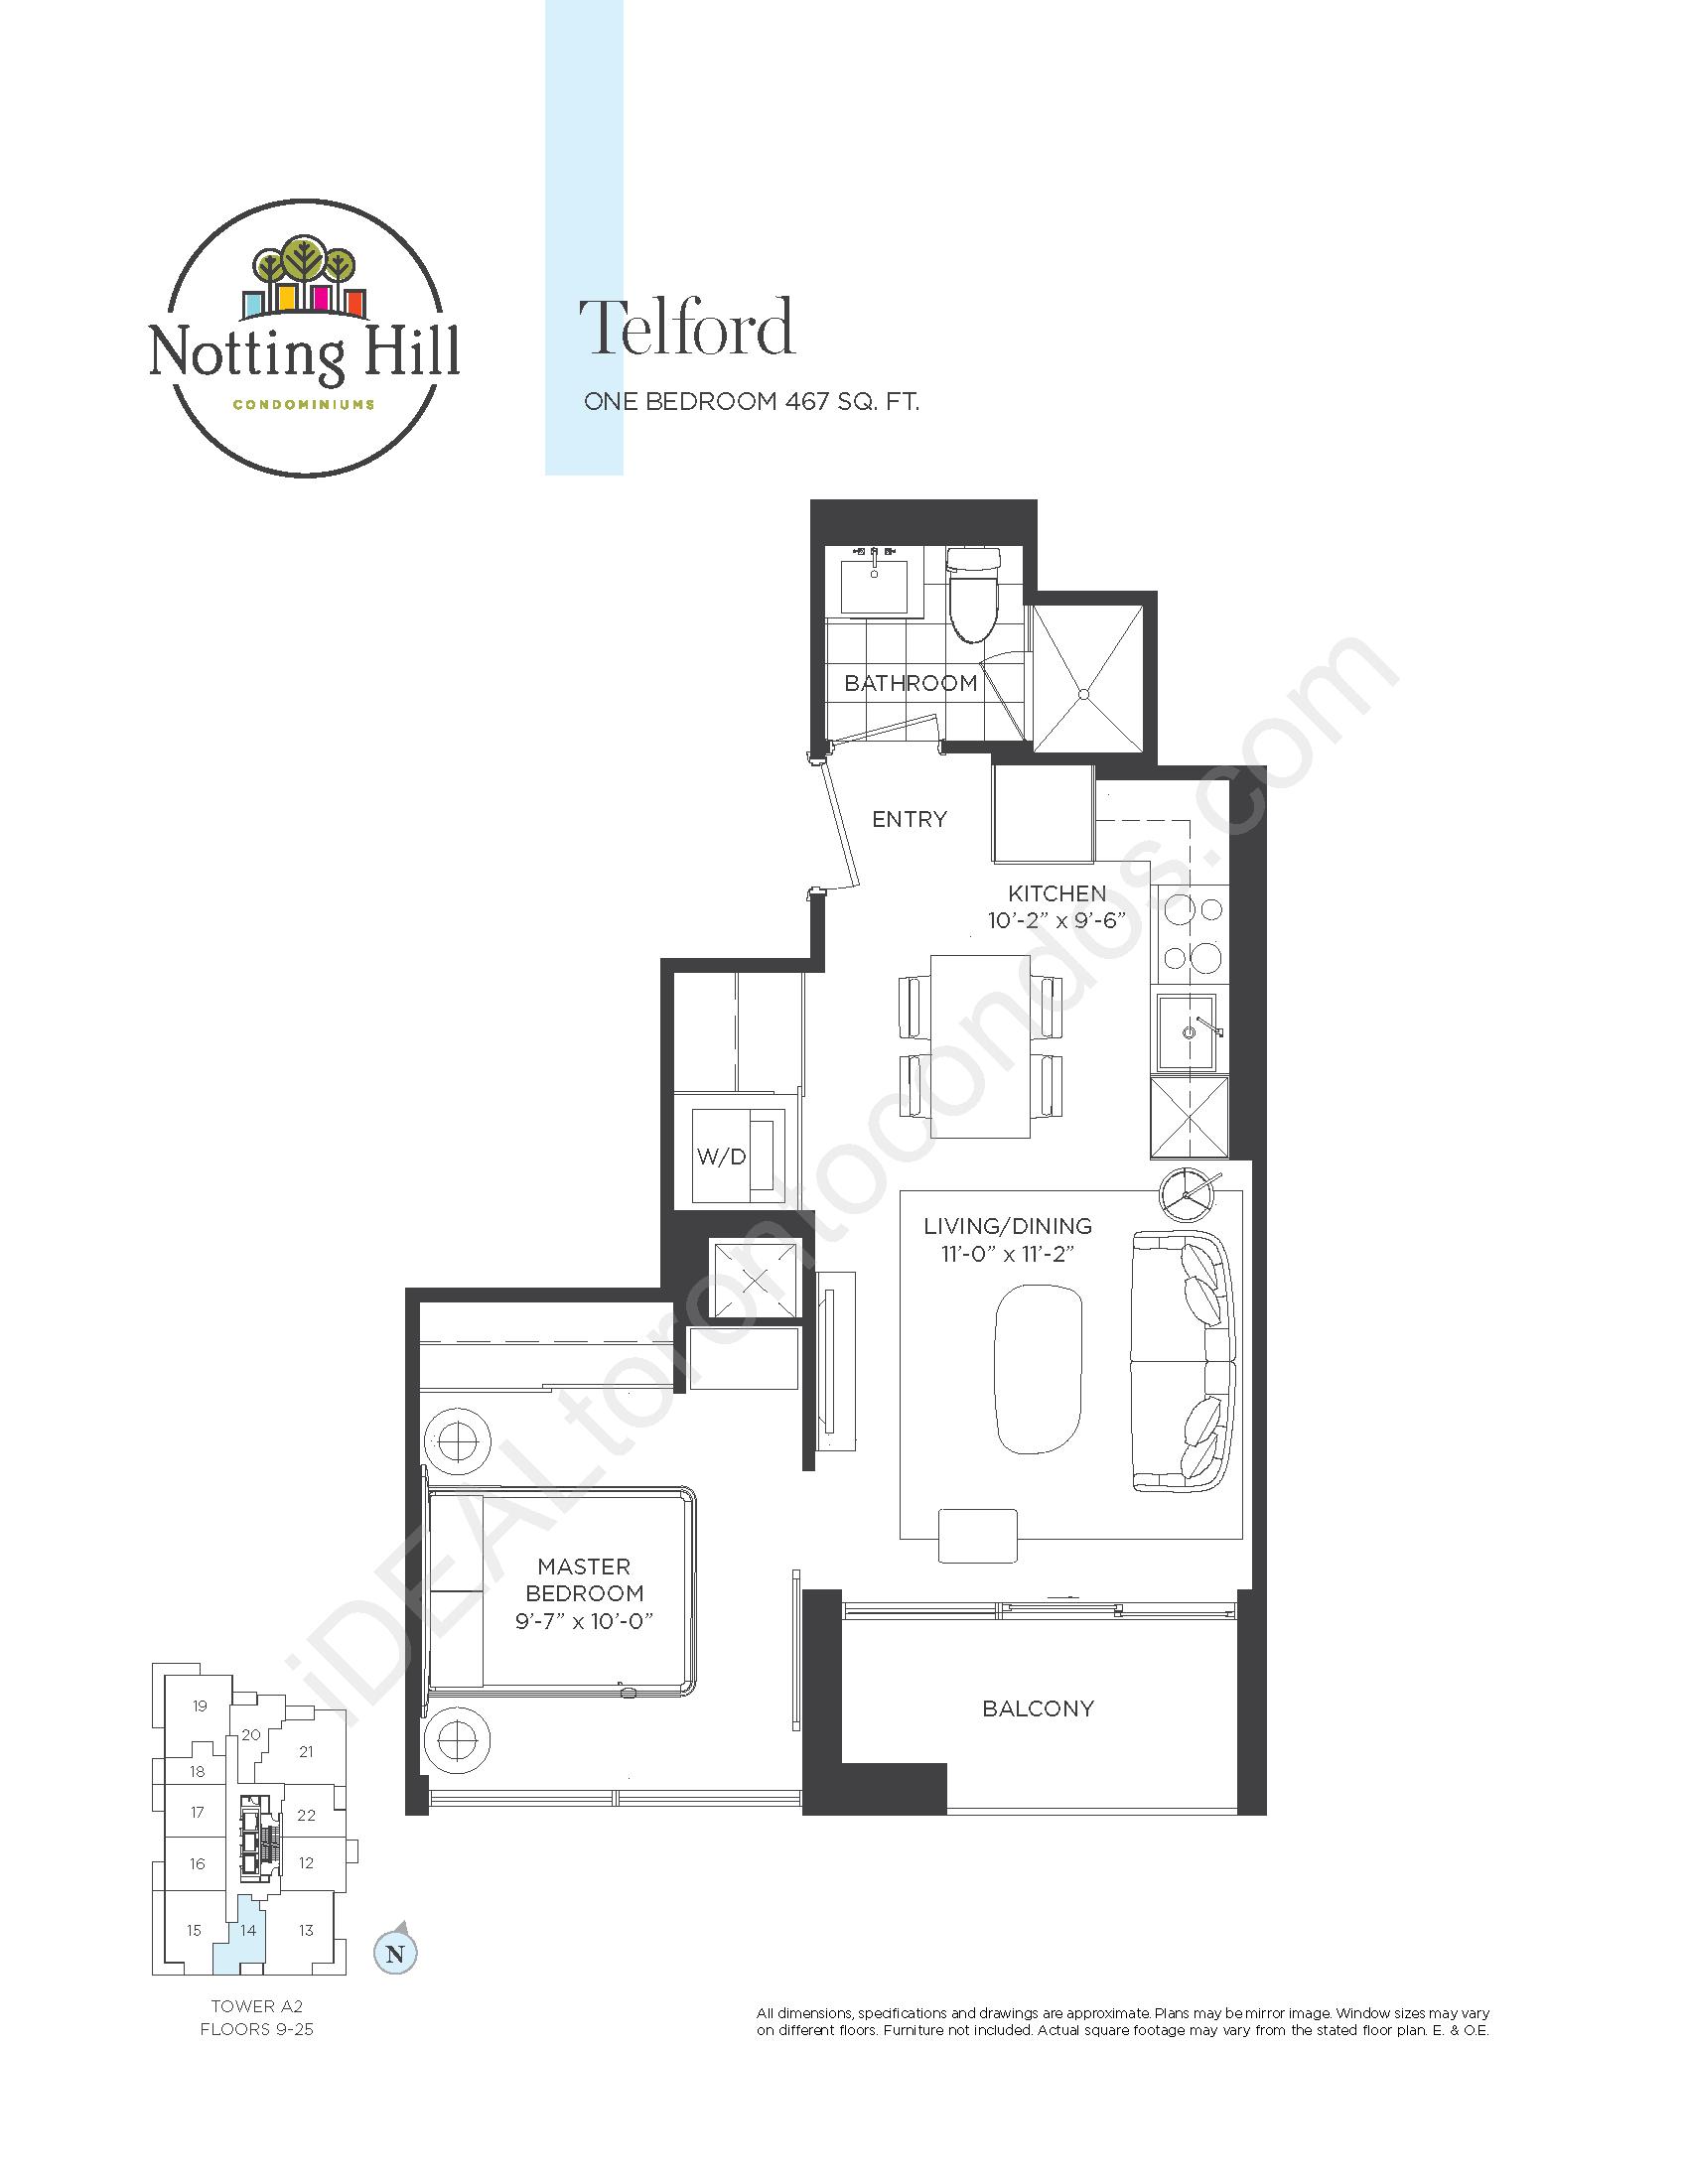 Telford - One bedroom